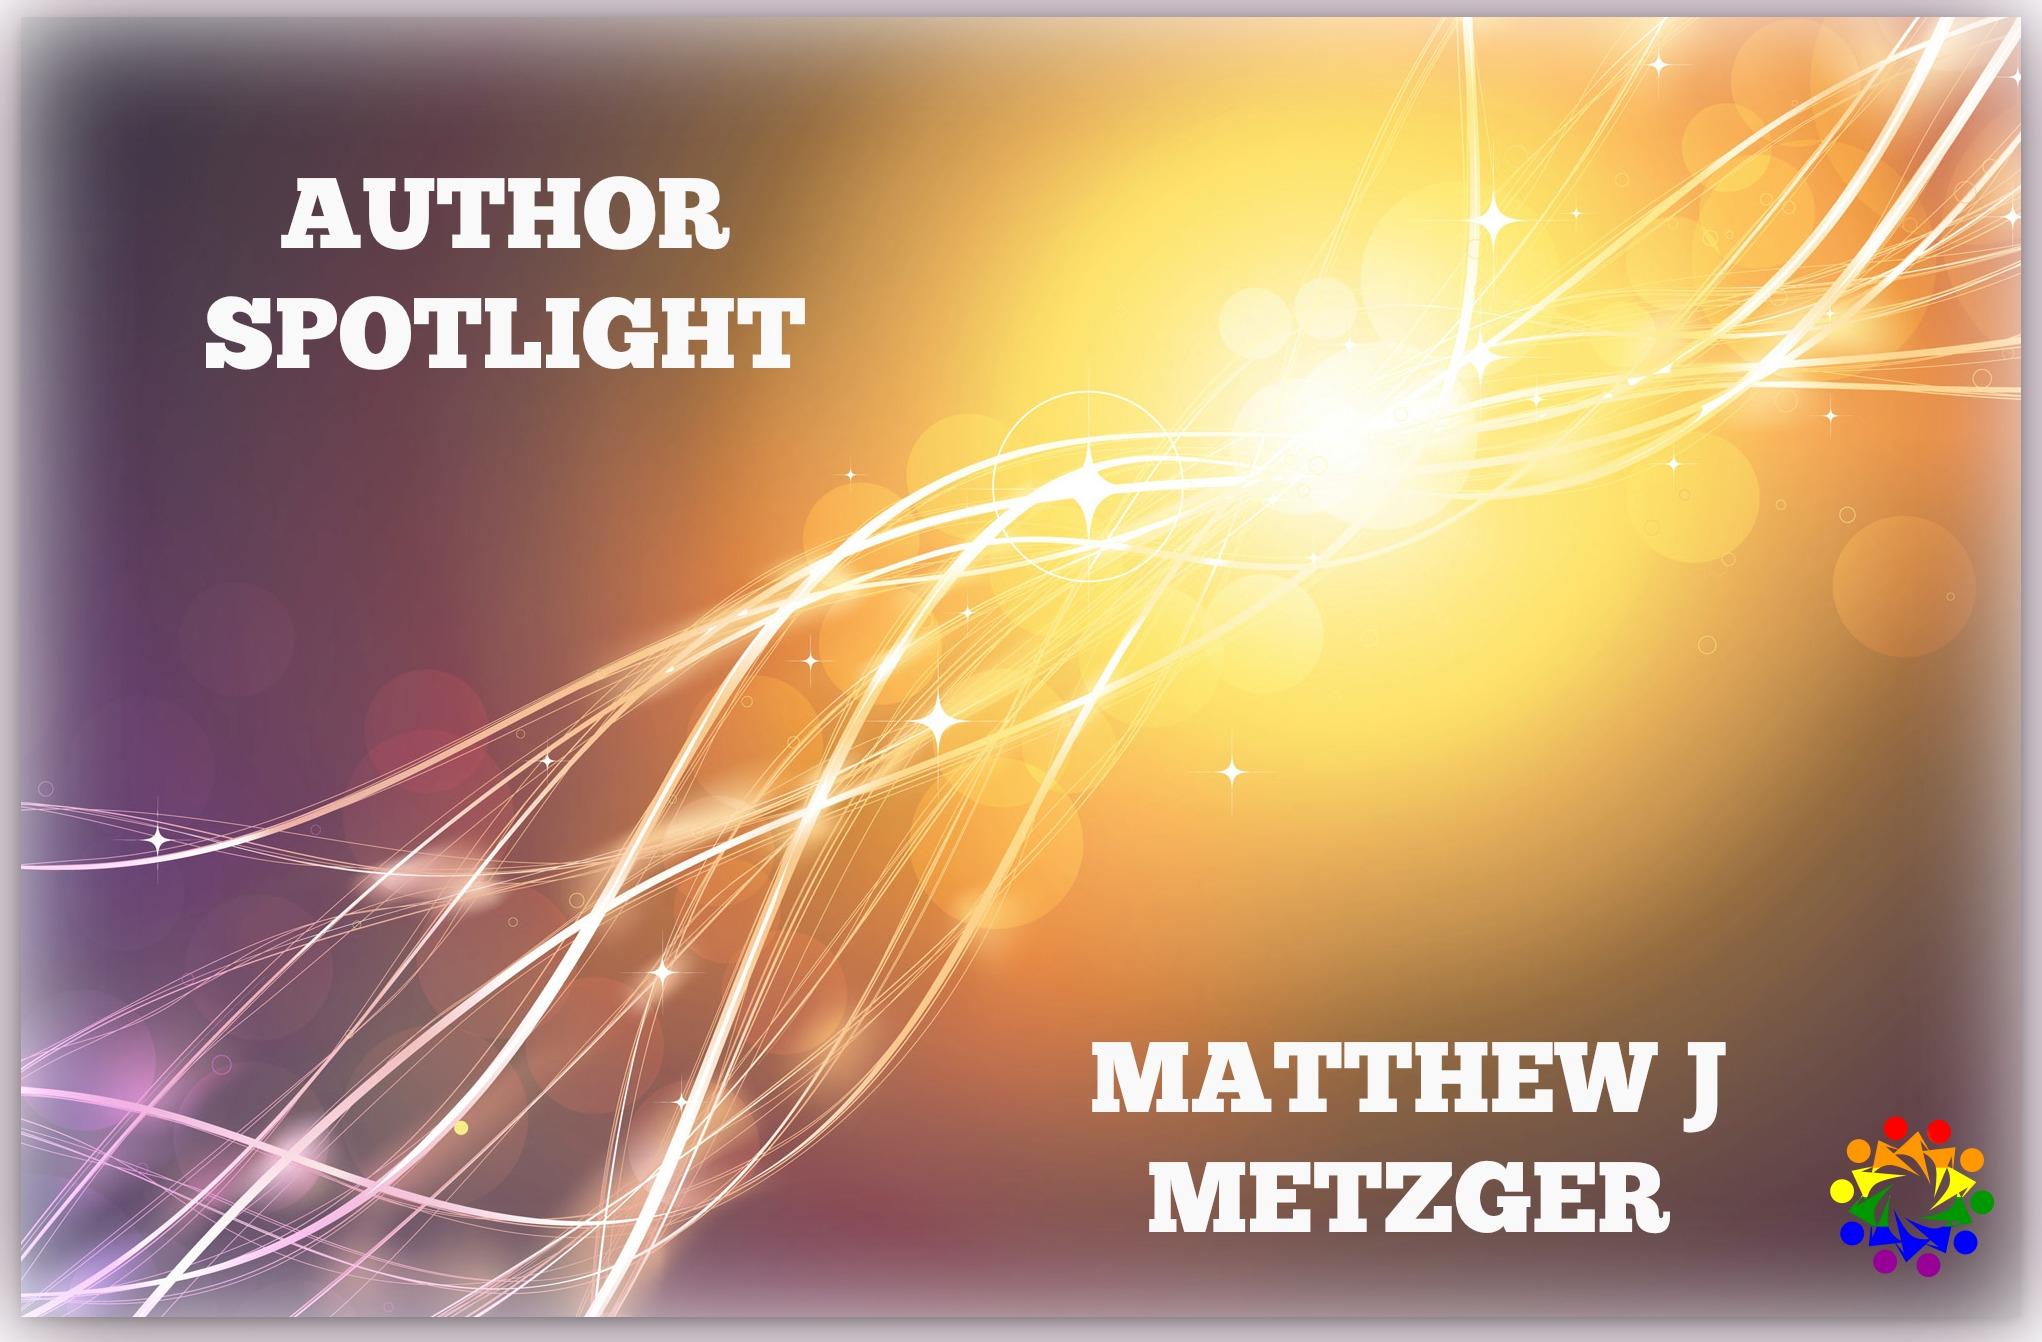 AUTHOR SPOTLIGHT MATTHEW J